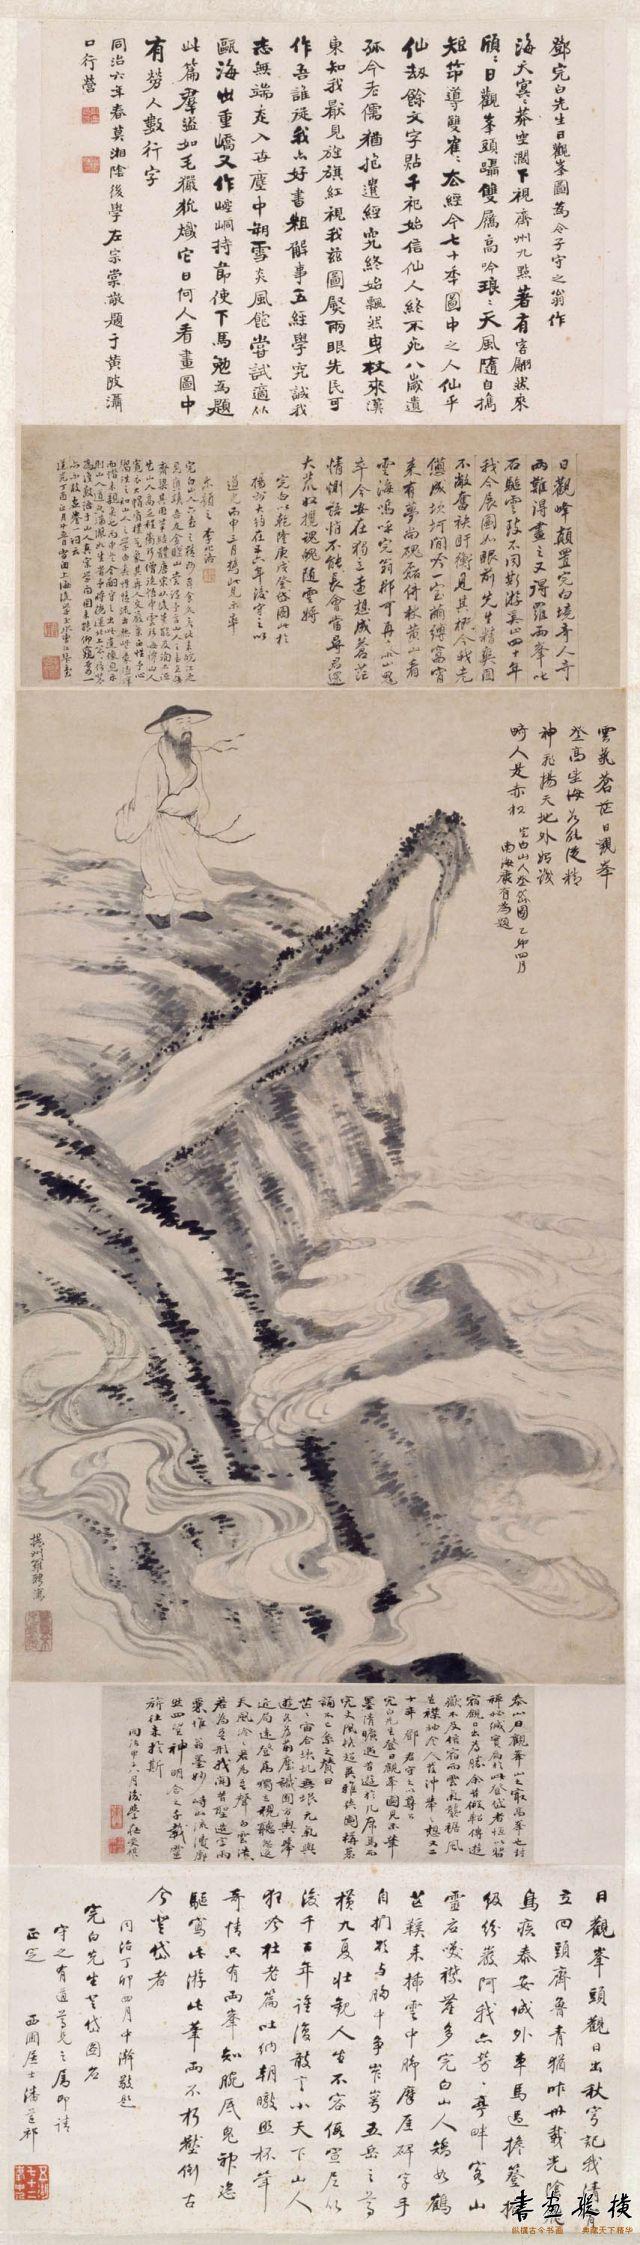 清 罗聘 邓石如登岱图 纸本 墨笔 纵83.5厘米 横51厘米 故宫博物院藏